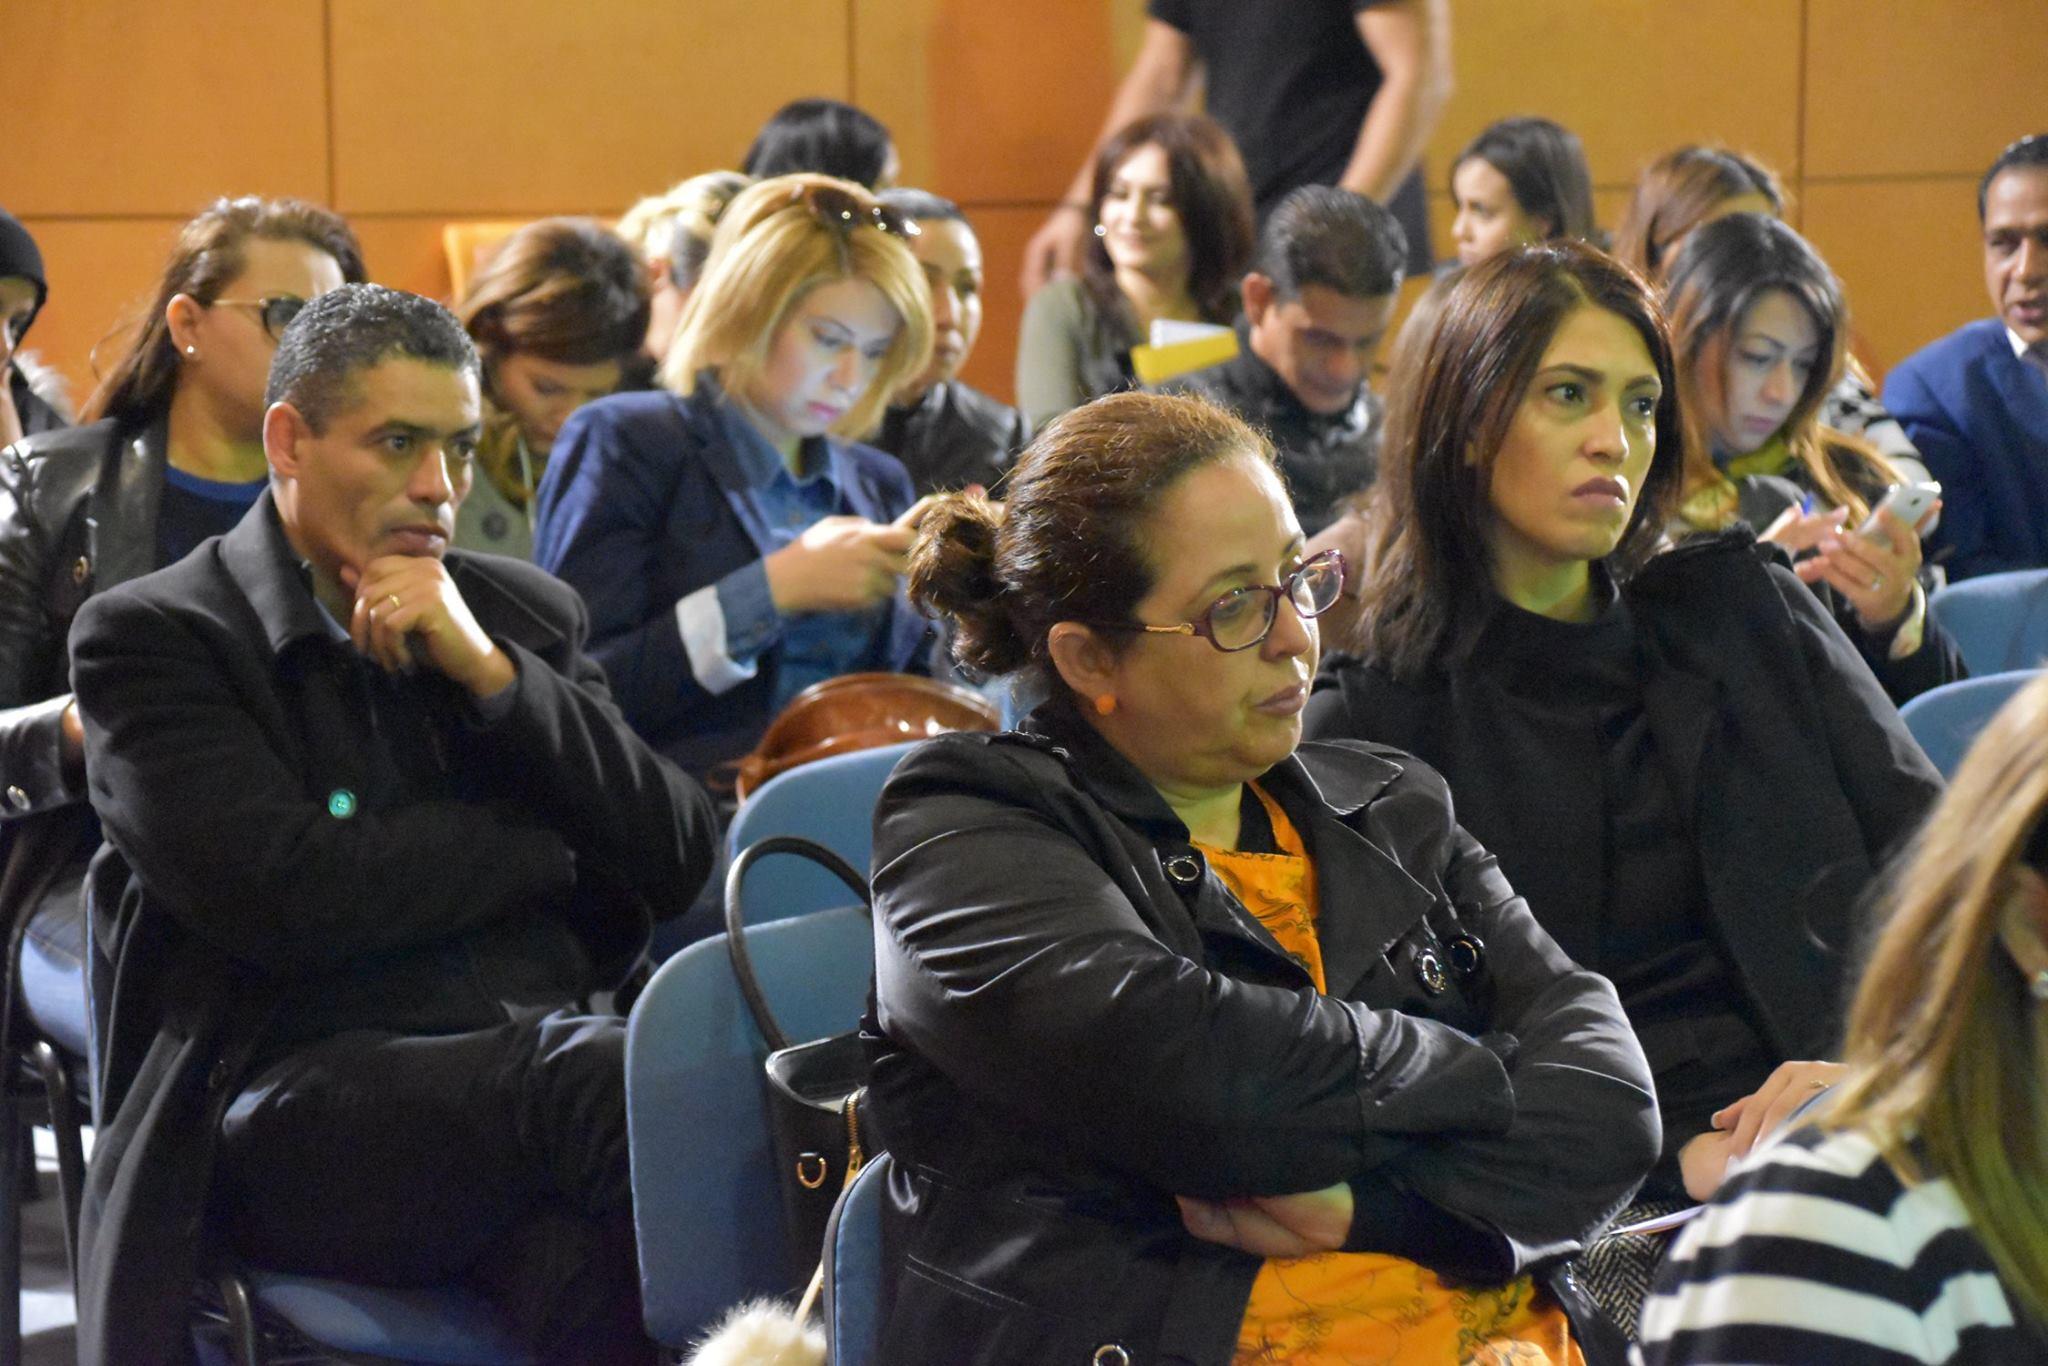 اعلان تفاصيل الدورة الجديدة من مهرجان ايام قرطاج الموسيقية في مؤتمر صحفي